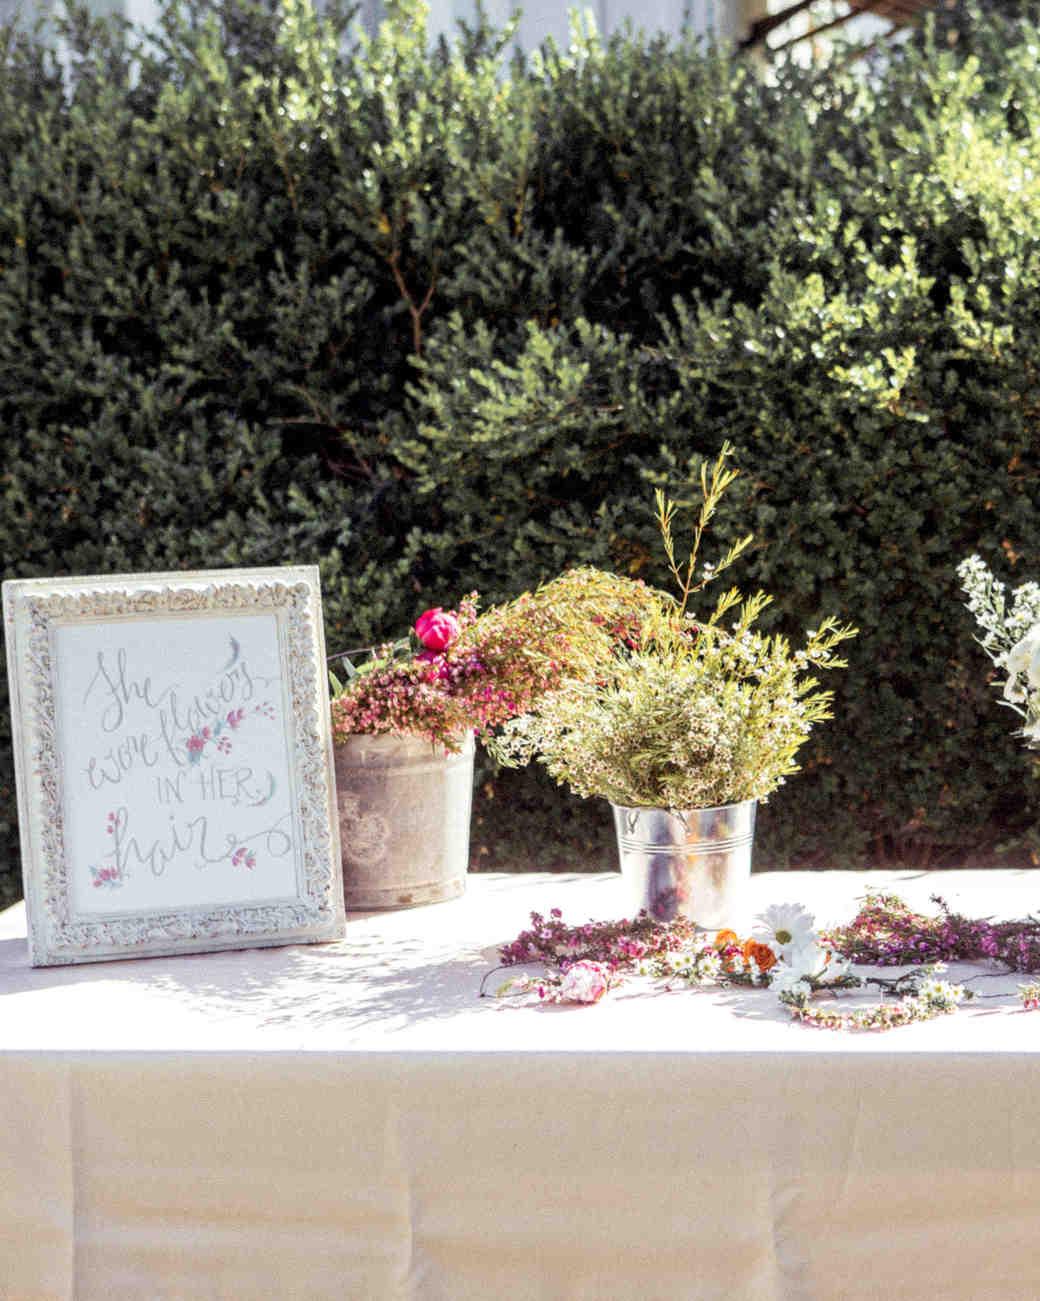 Τραπέζι με floral στεφανάκια για τους καλεσμένους.